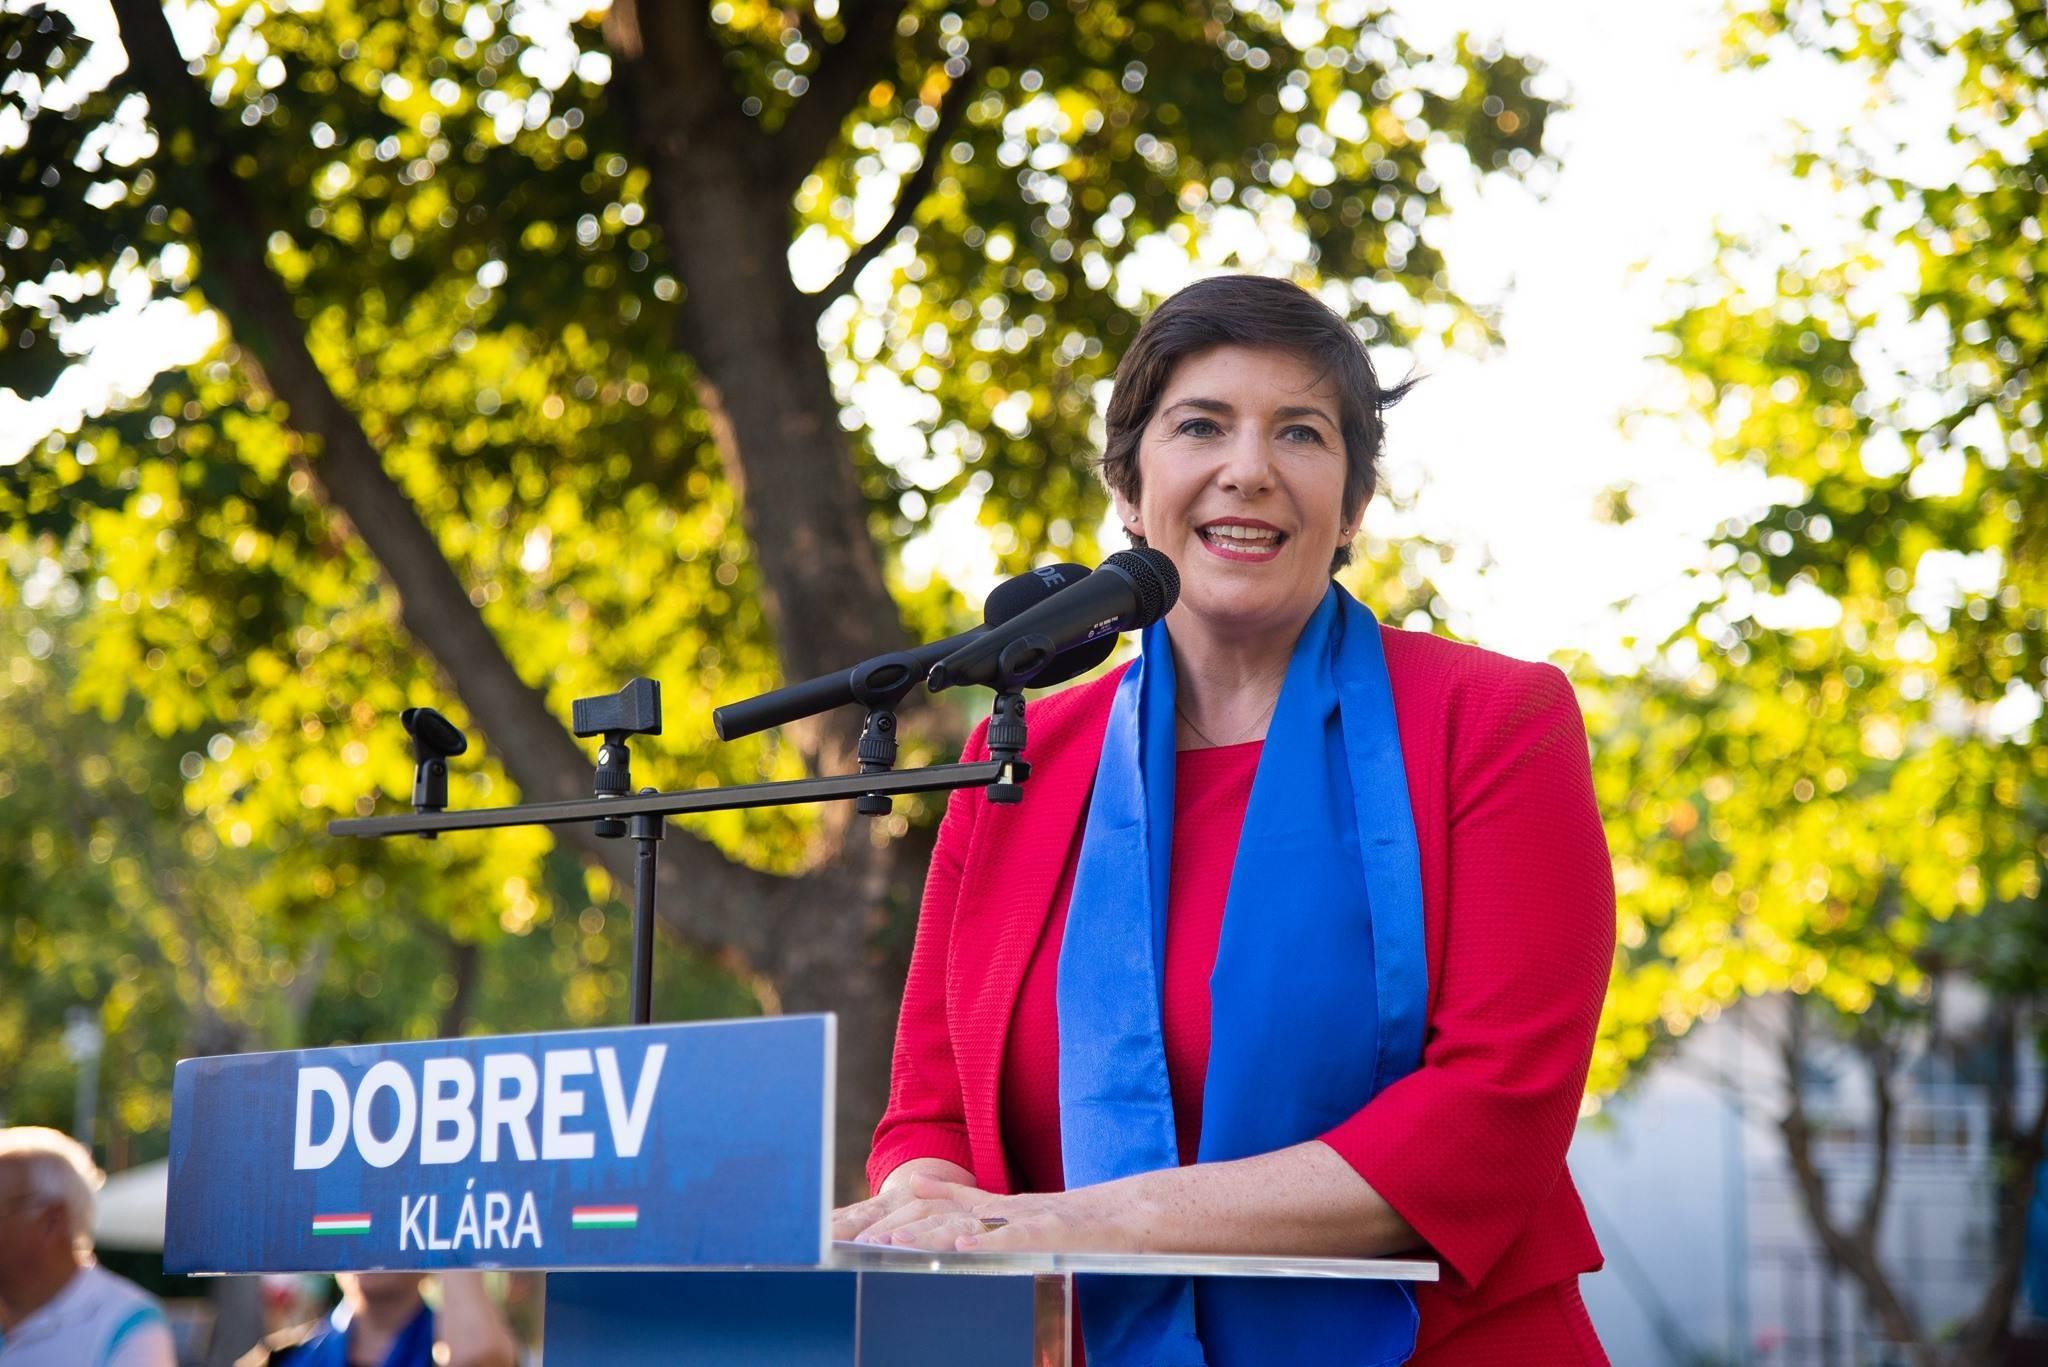 """Cine este Klára Dobrev? Femeia cu care s-ar putea ,,duela"""" Viktor Orban pentru funcția de premier a Ungariei"""